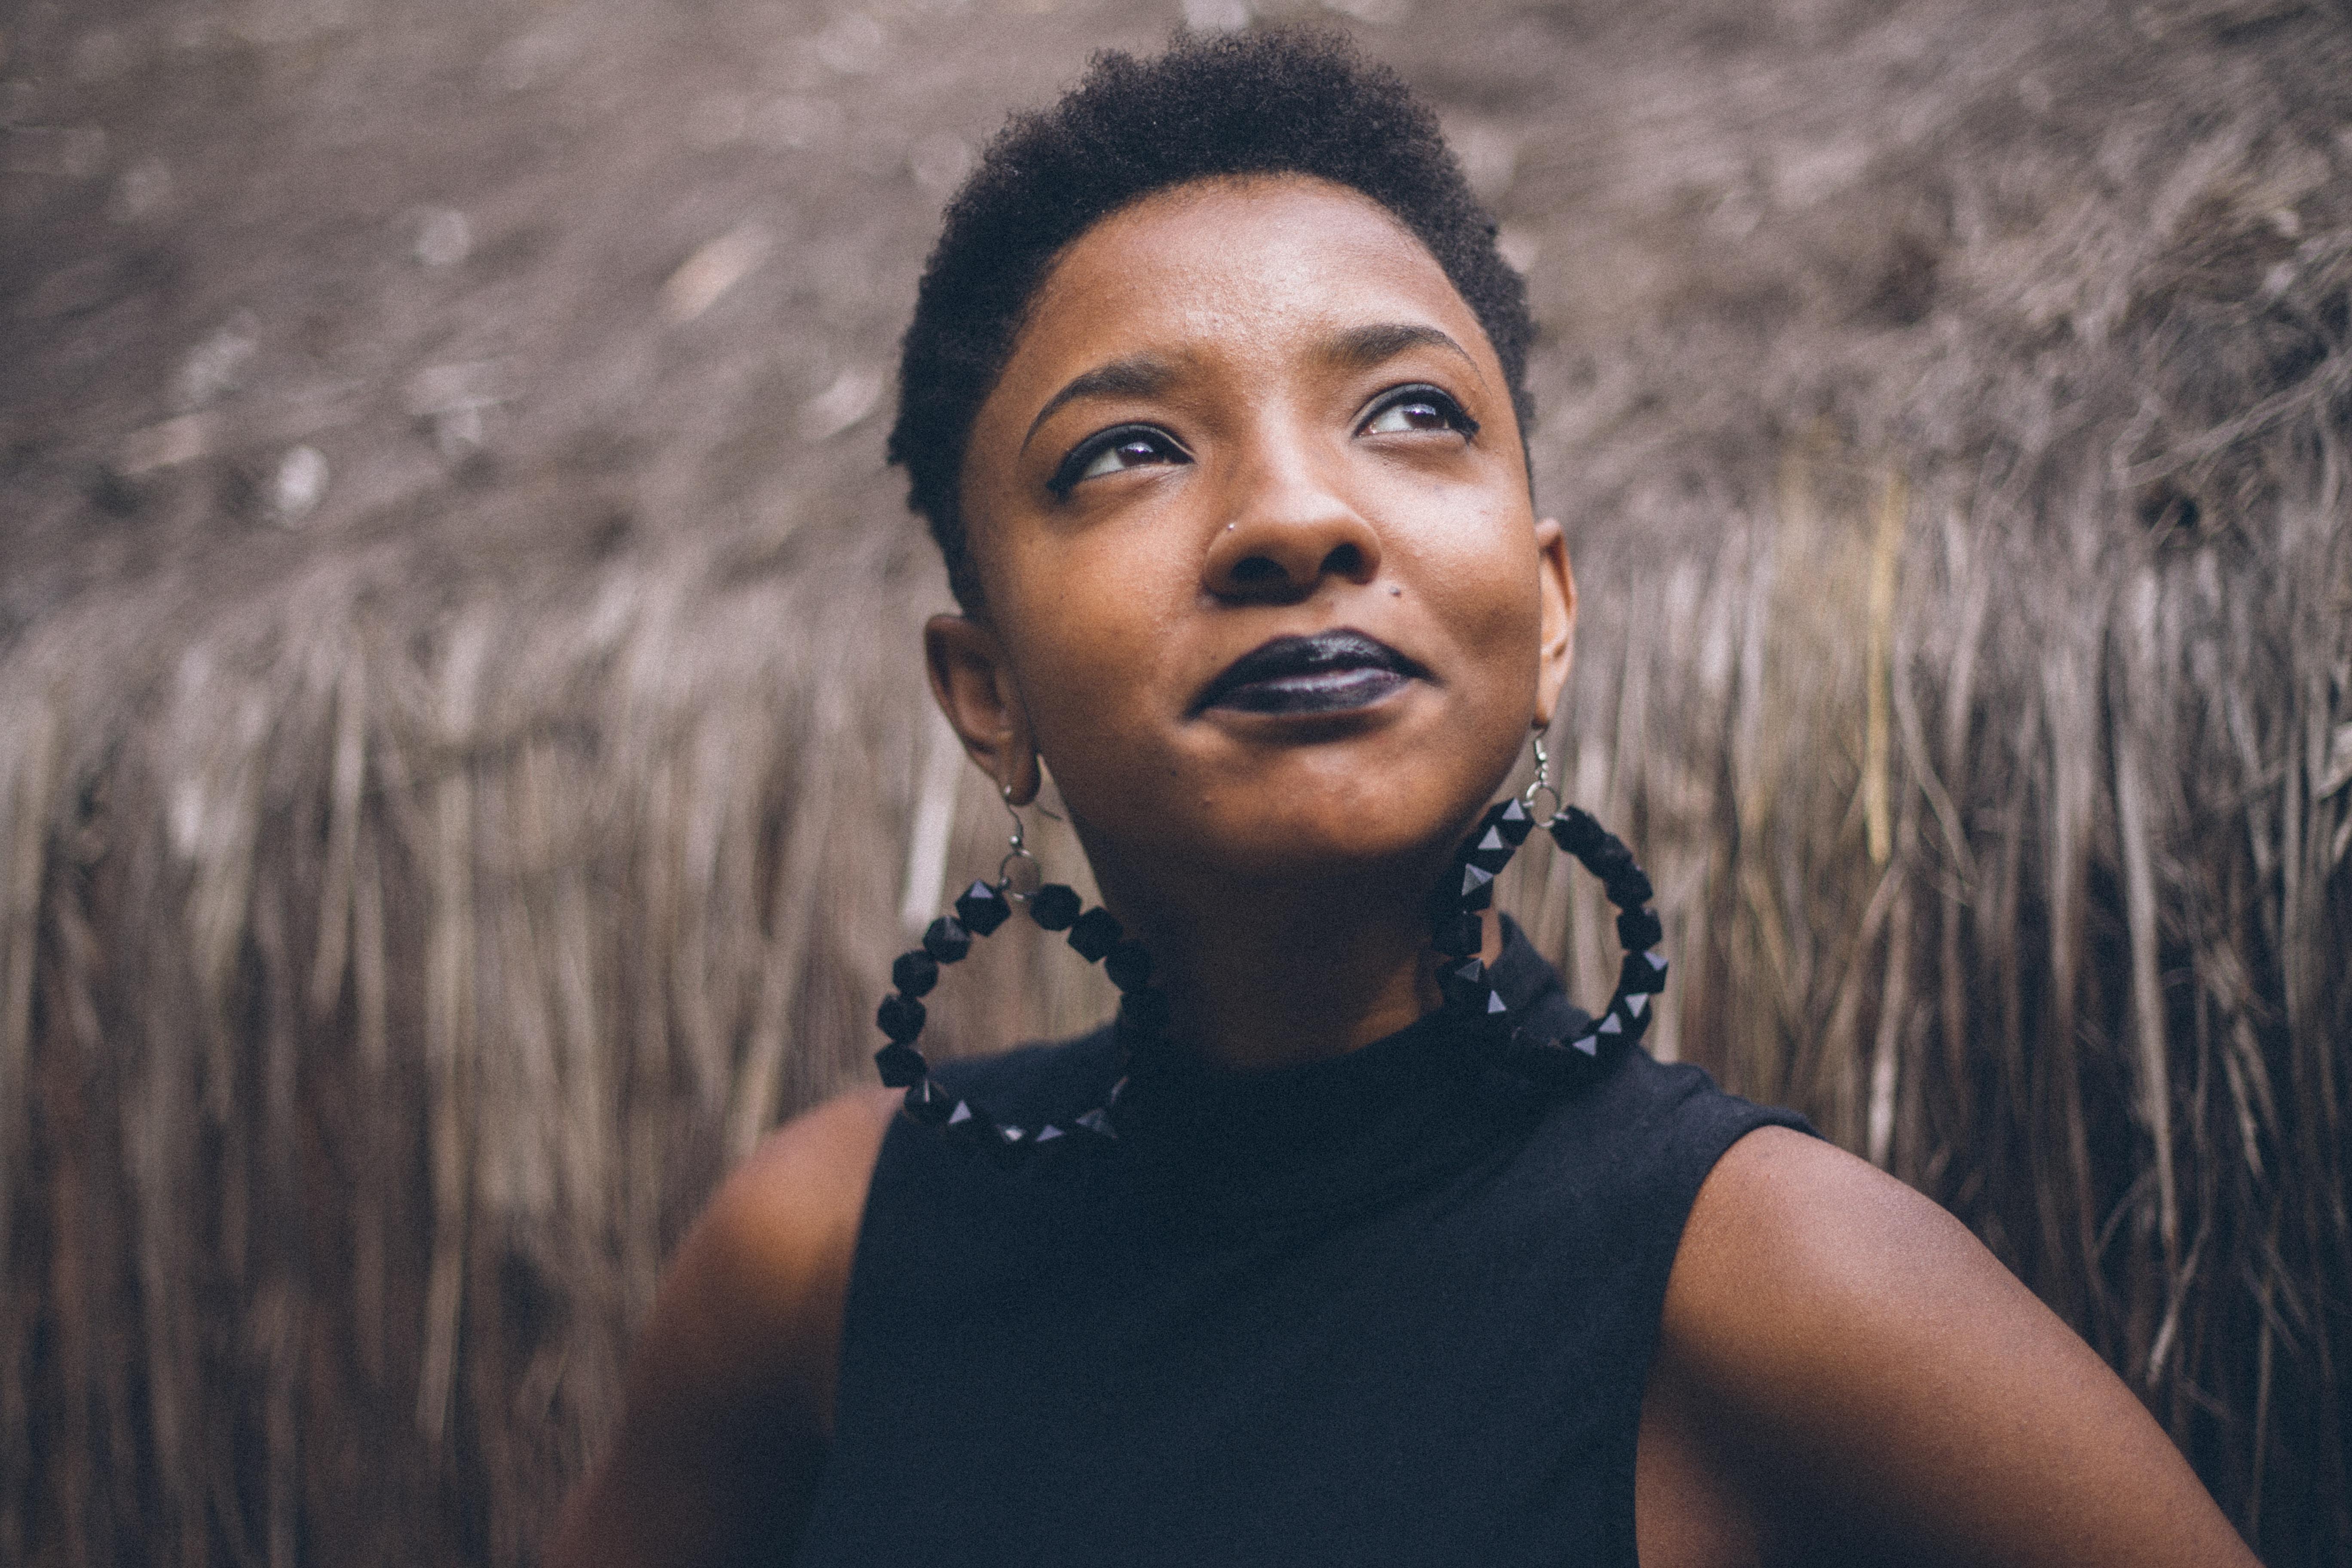 Color Outside, black woman, business, entrepaneur